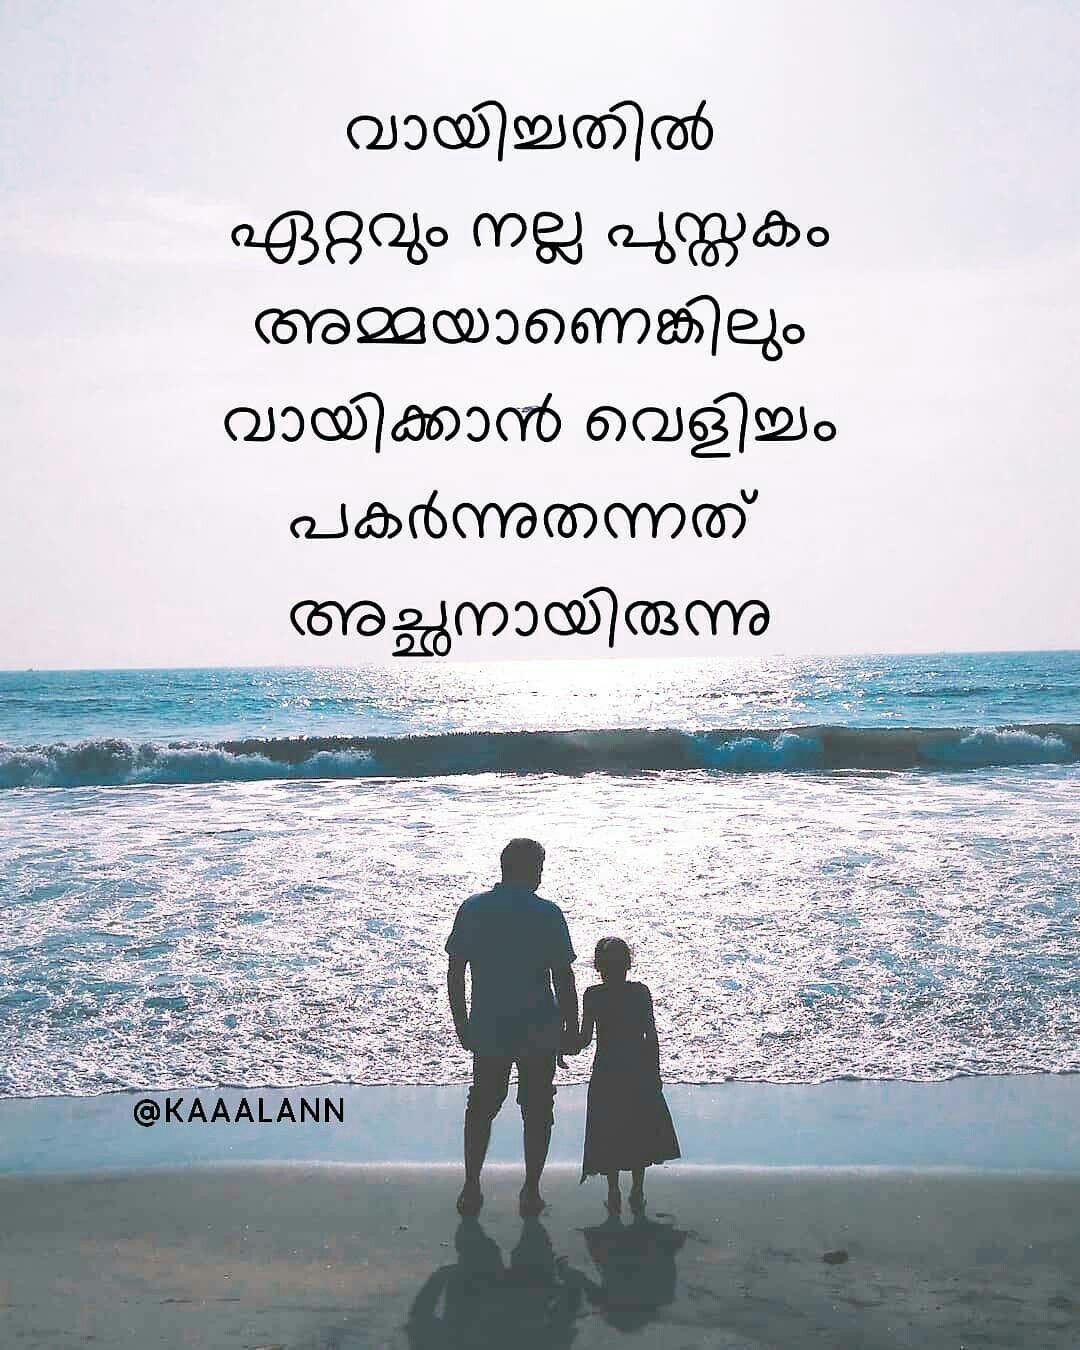 Uppa Umma Ishtam Inspire Quotes Malayalam Quotes Inspirational